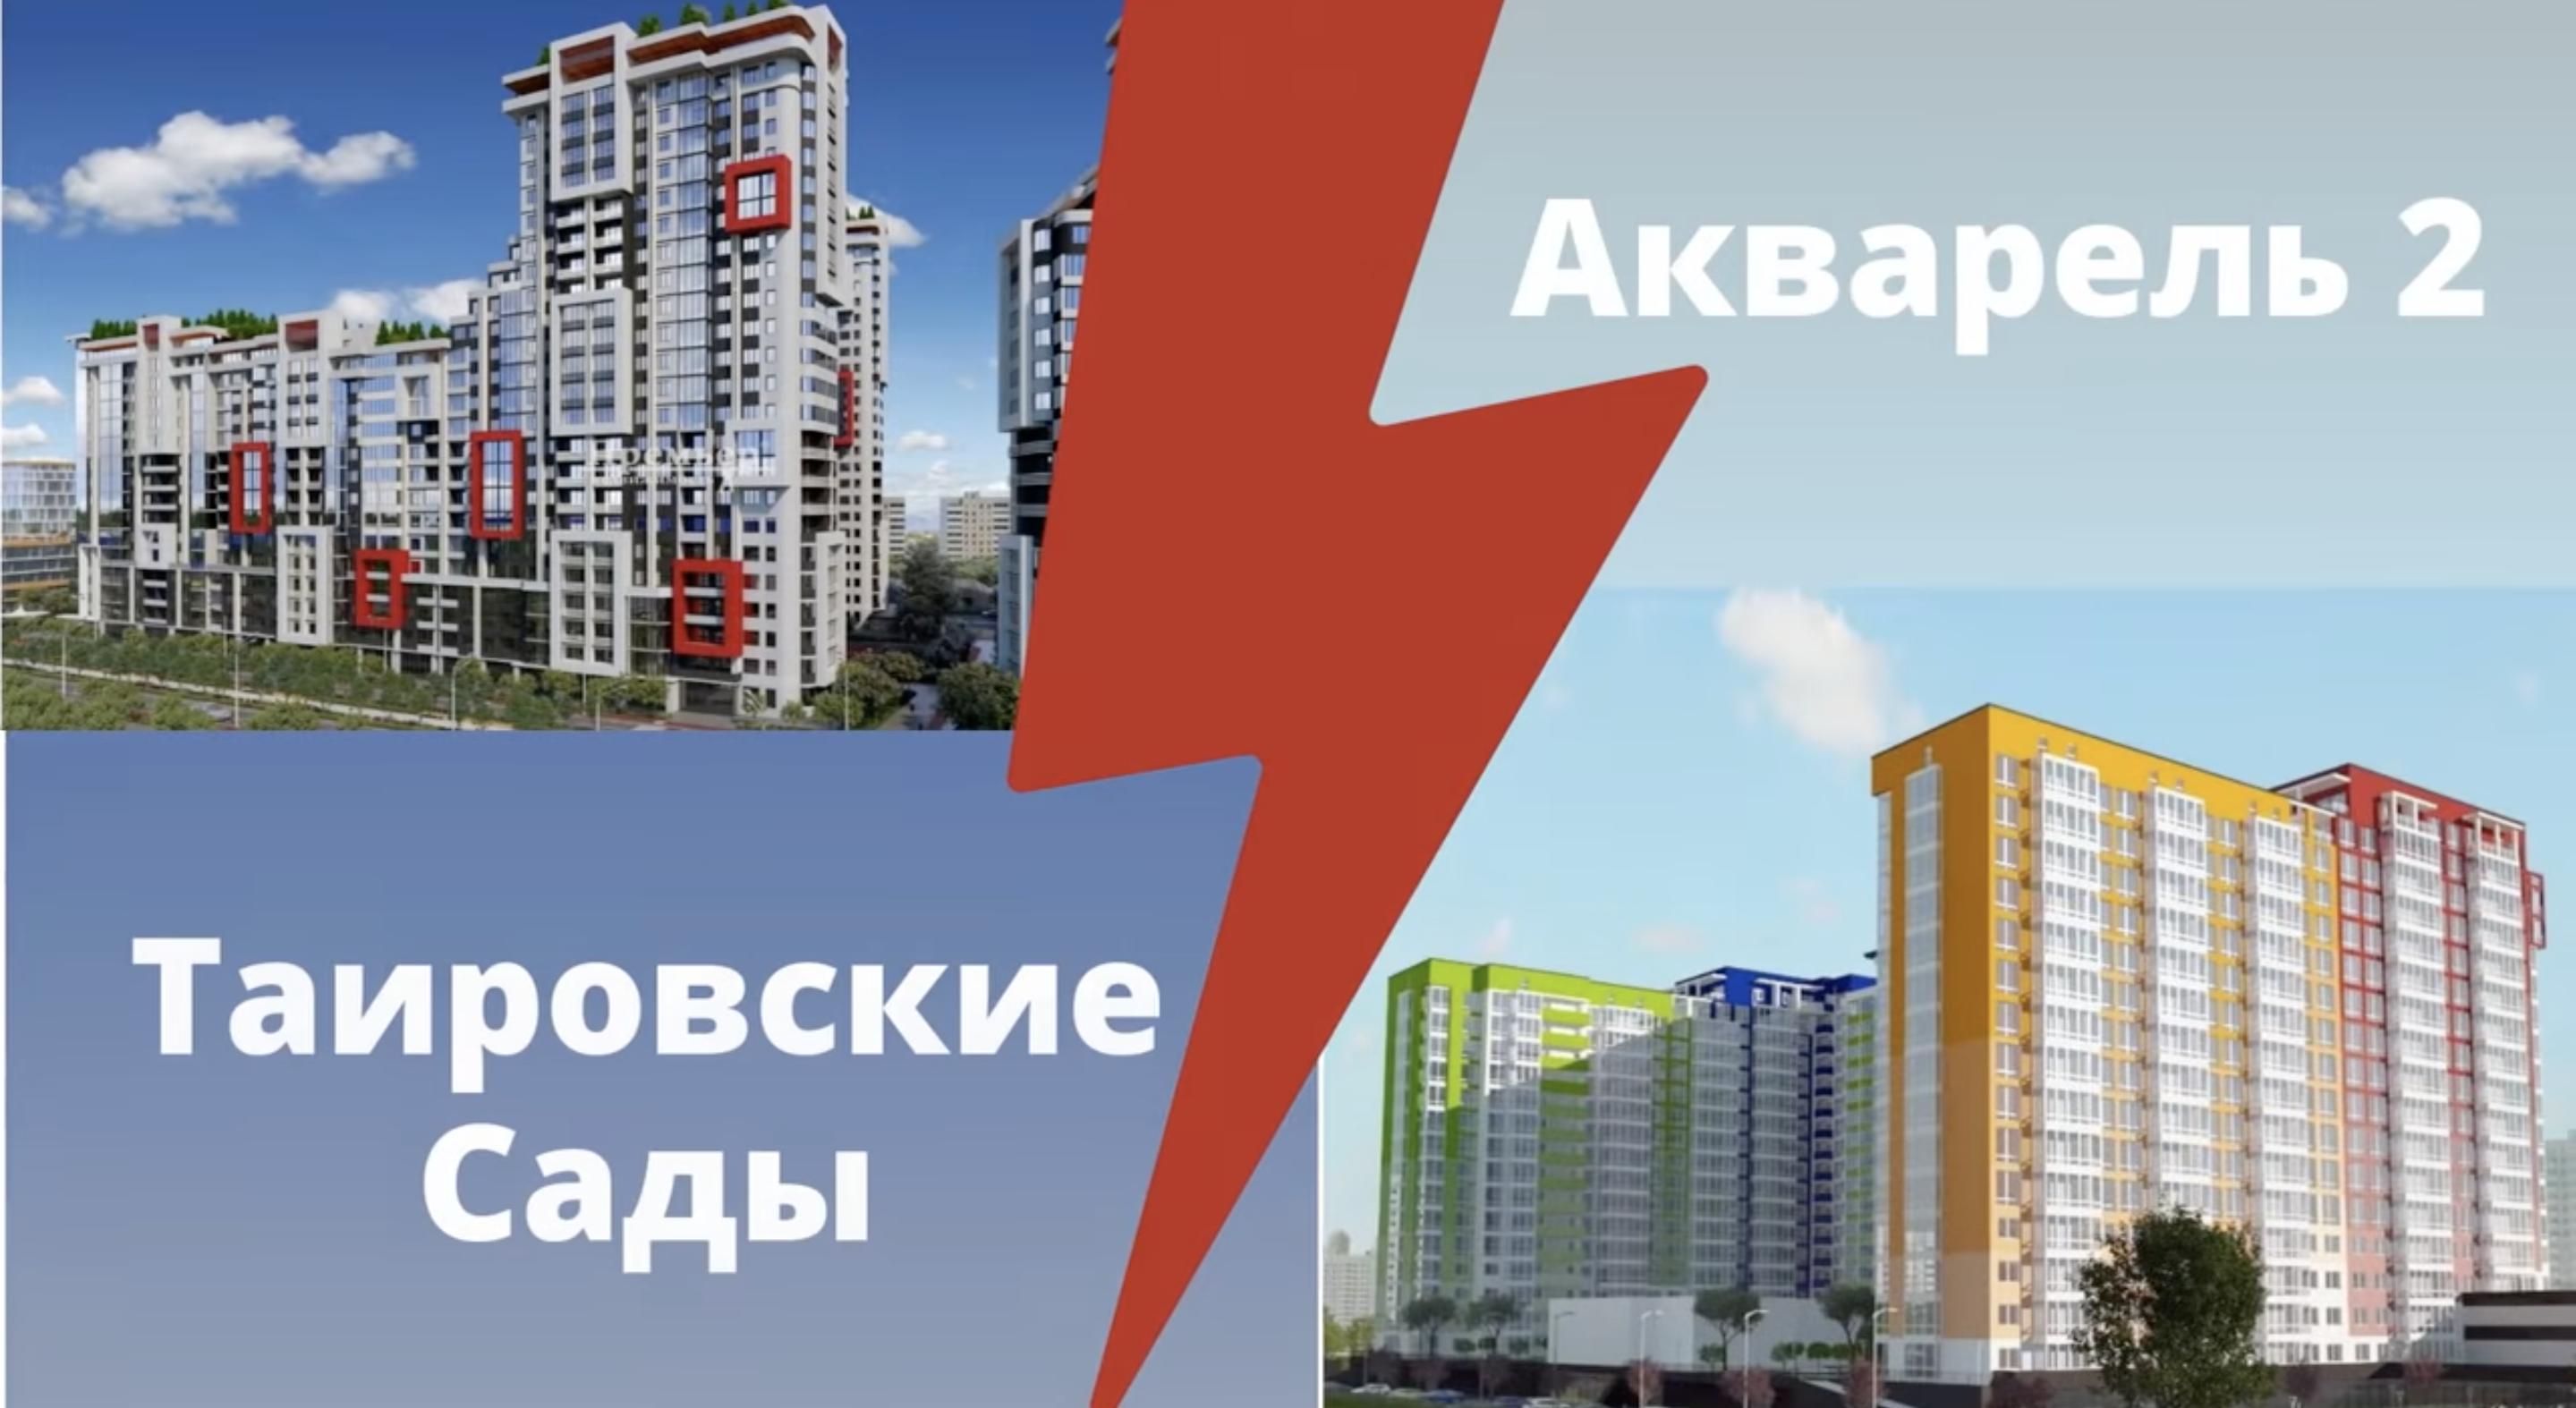 Сравниваем ЖК Таировские Сады и ЖК Акварель 2